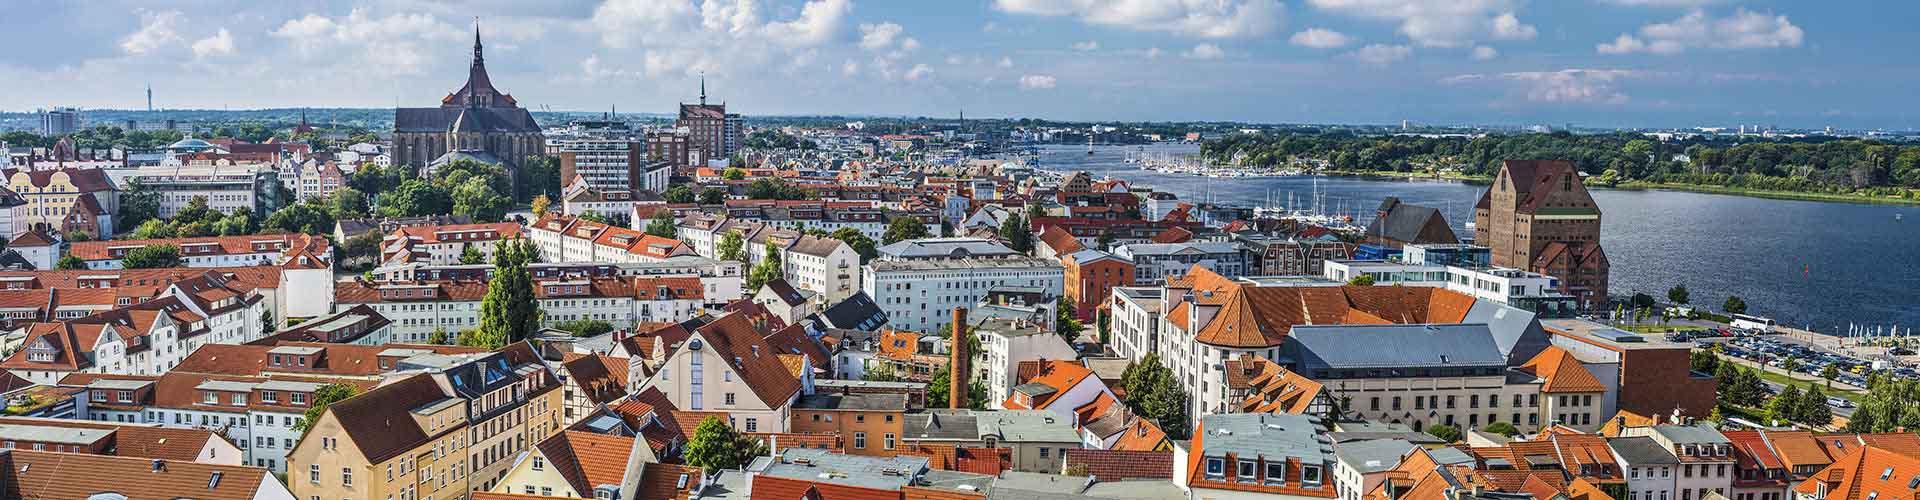 Rostock - Habitaciones en Rostock. Mapas de Rostock, Fotos y Comentarios para cada habitación en Rostock.